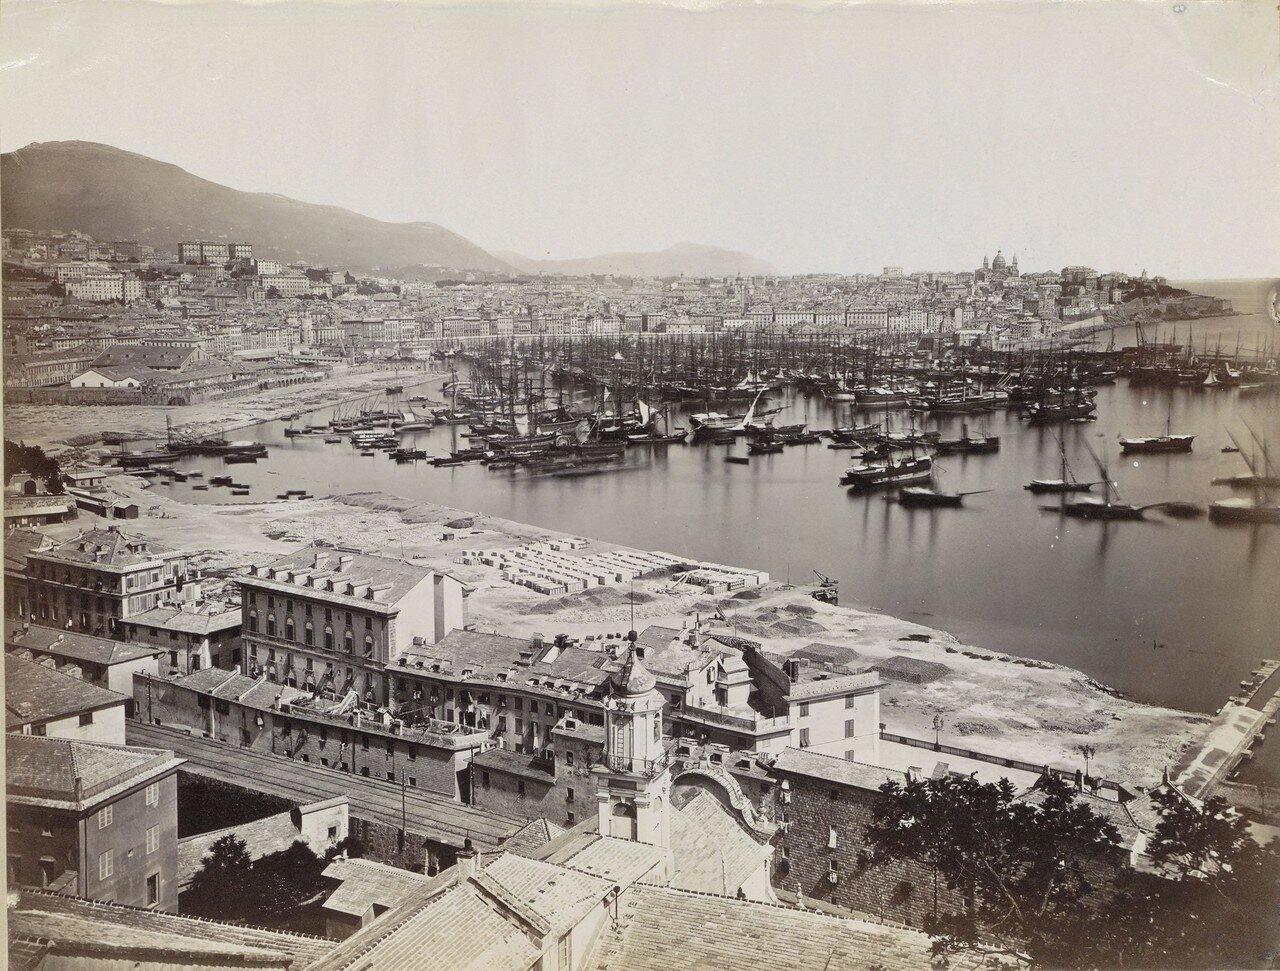 Панорама зданий и судов в порту Генуи